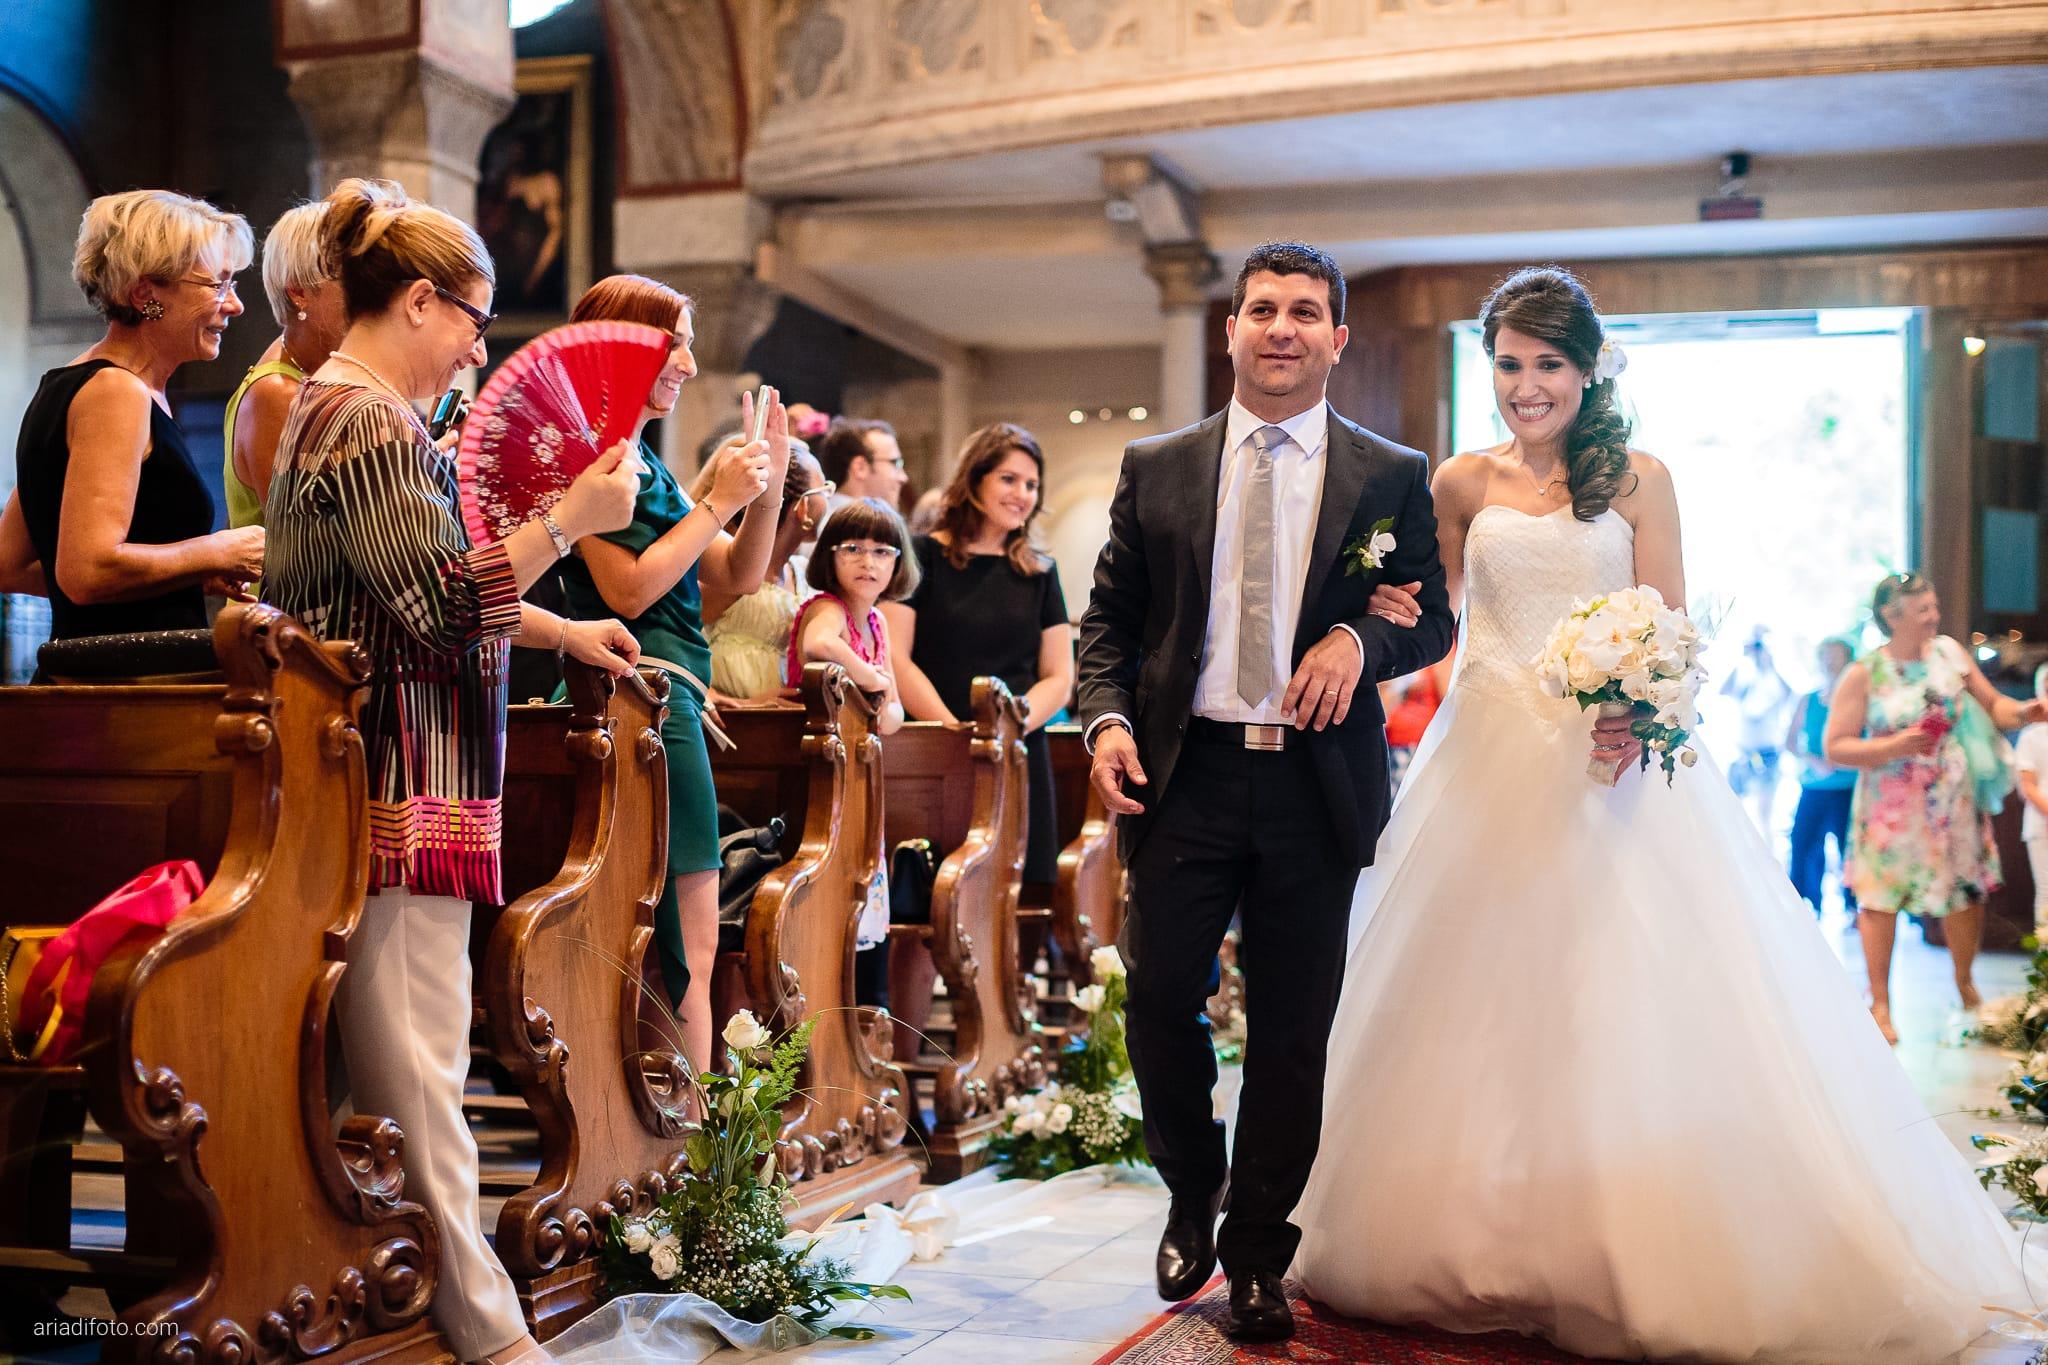 Mariarita Matteo Matrimonio Trieste Cattedrale San Giusto Villa Attems Cernozza Postcastro Lucinico Gorizia cerimonia ingresso sposa